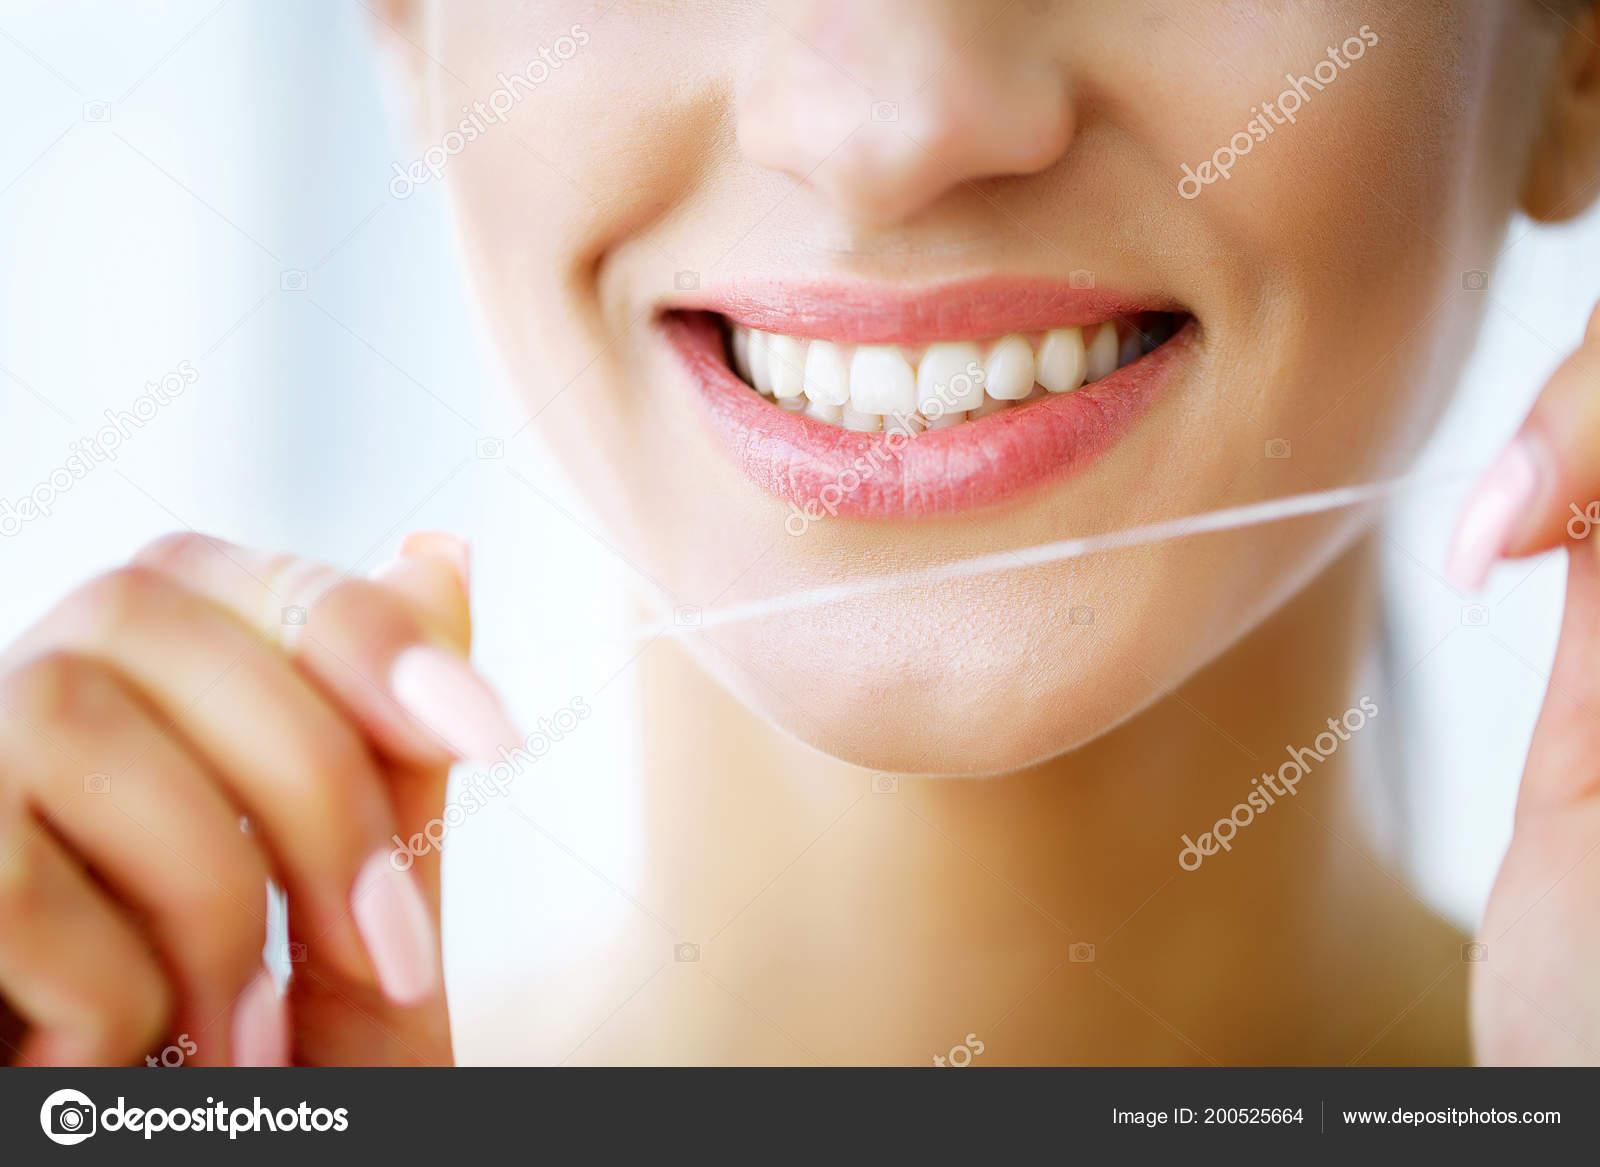 792d36c40 Cuidados Com Dentes Bela Mulher Sorridente Uso Fio Dental Dentes ...